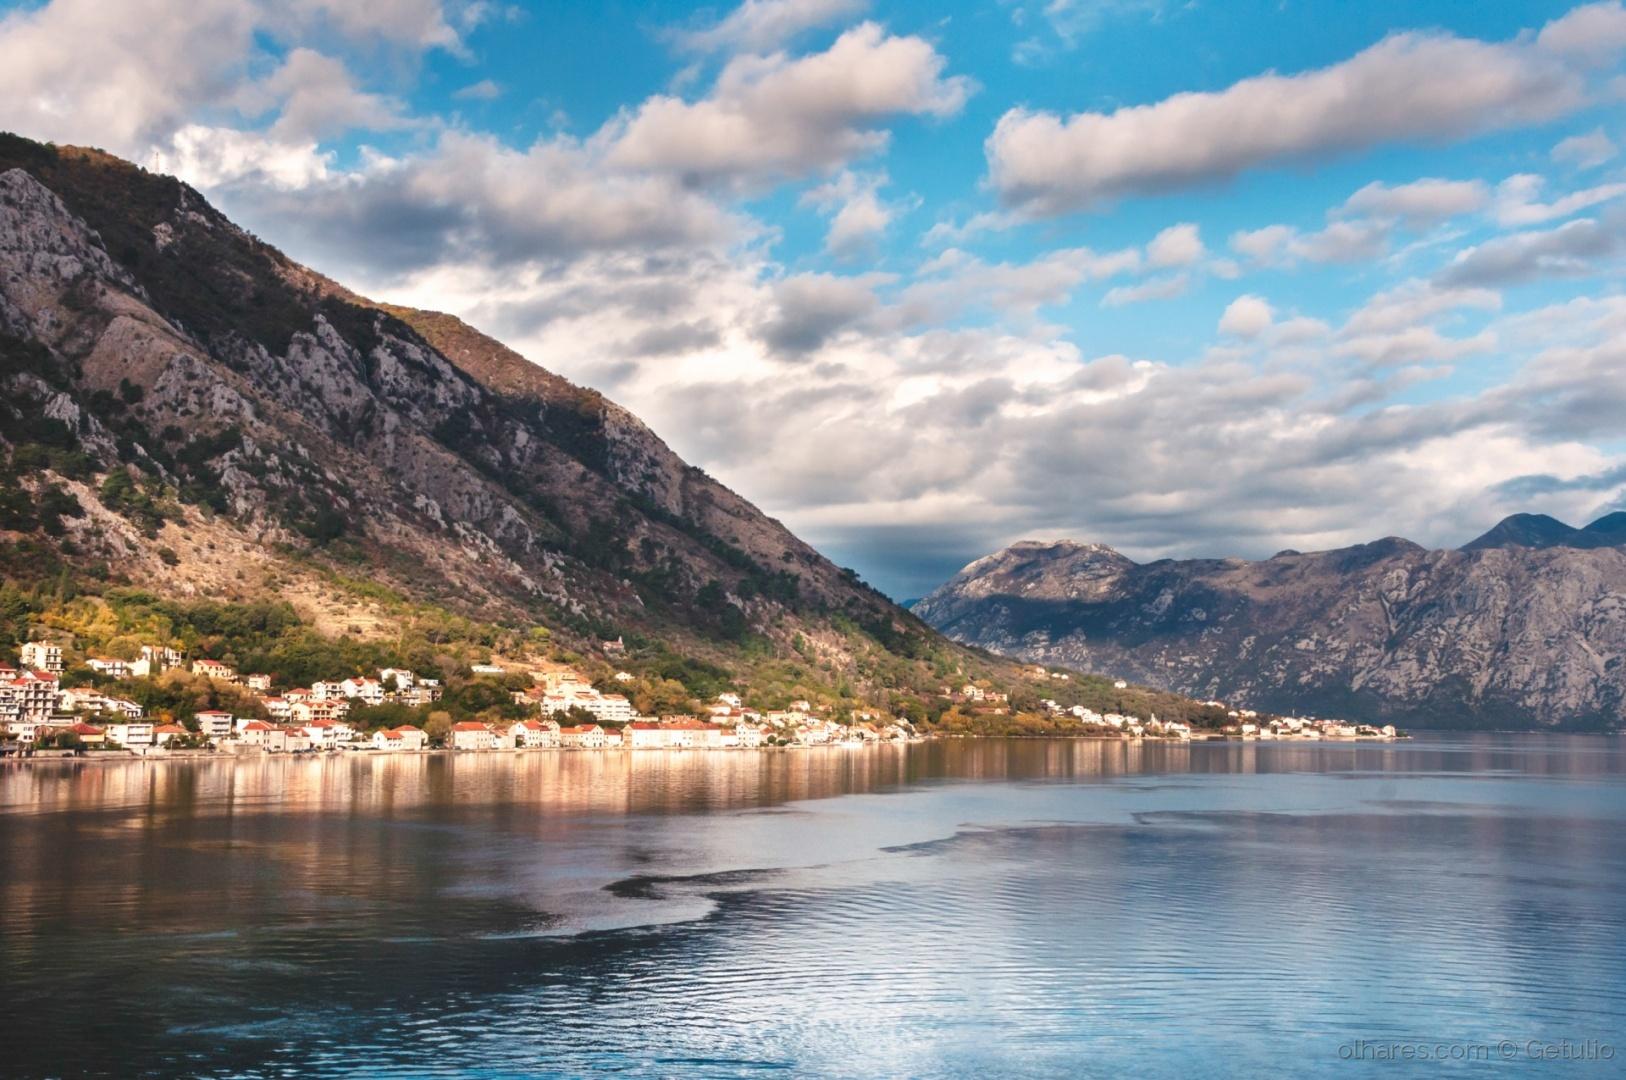 Paisagem Urbana/Kotor, Montenegro